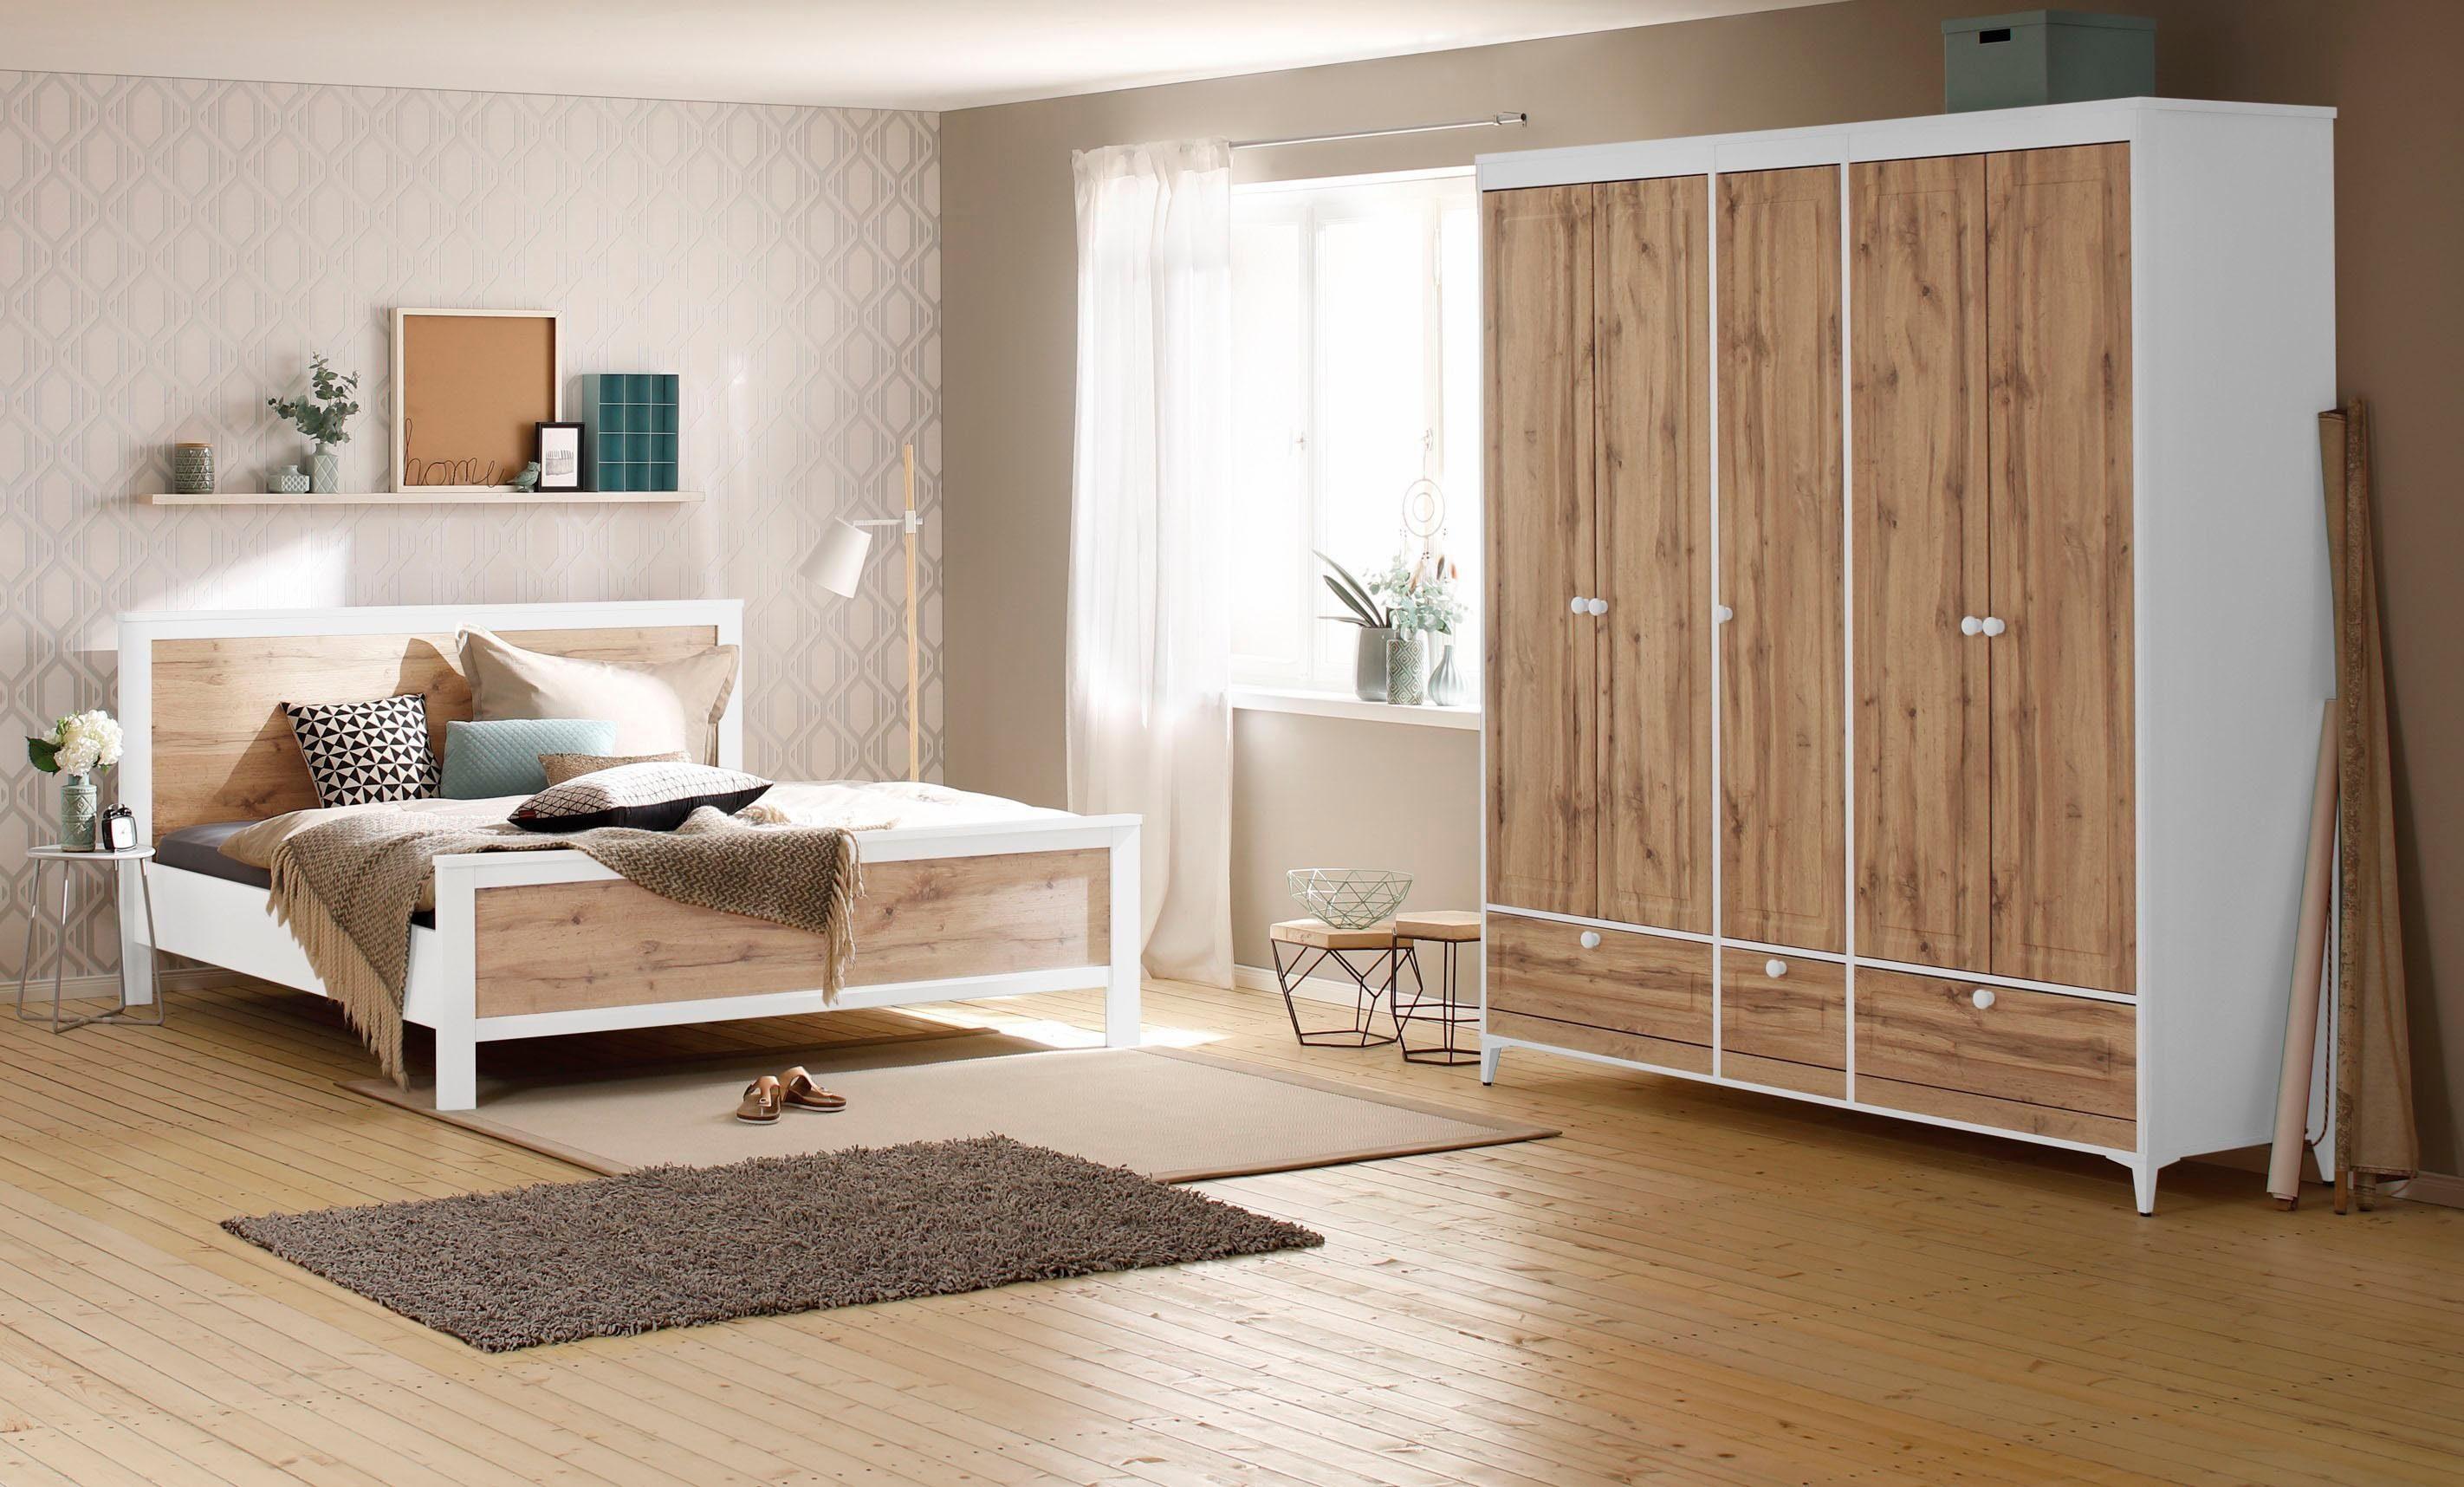 Home affaire Schlafzimmerset »Kjell« 4-tlg., bestehend aus einem Bett, zwei Nachttischen und einem Kleiderschrank